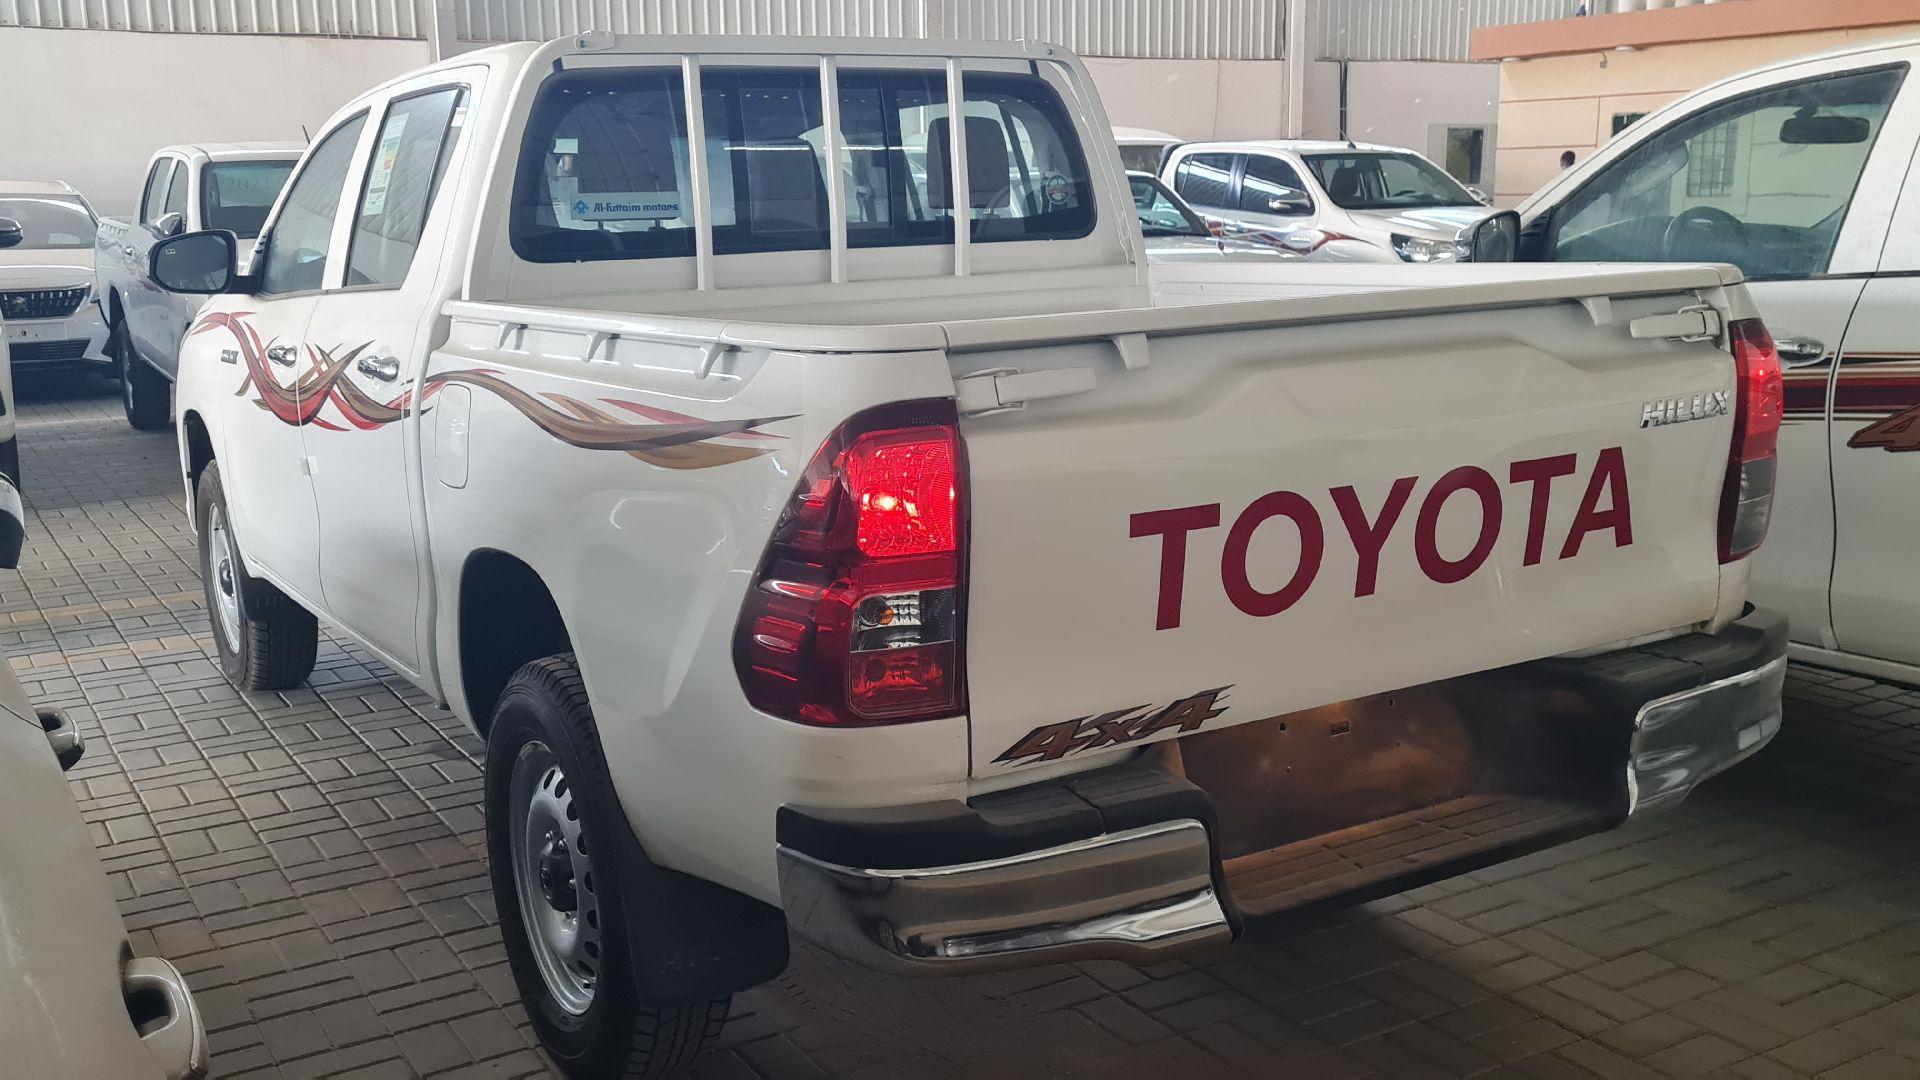 تويوتا هايلكس GL2 ستاندر  2021 دبل غمارتين ديزل خليجي جديد للبيع في الرياض - السعودية - صورة كبيرة - 3